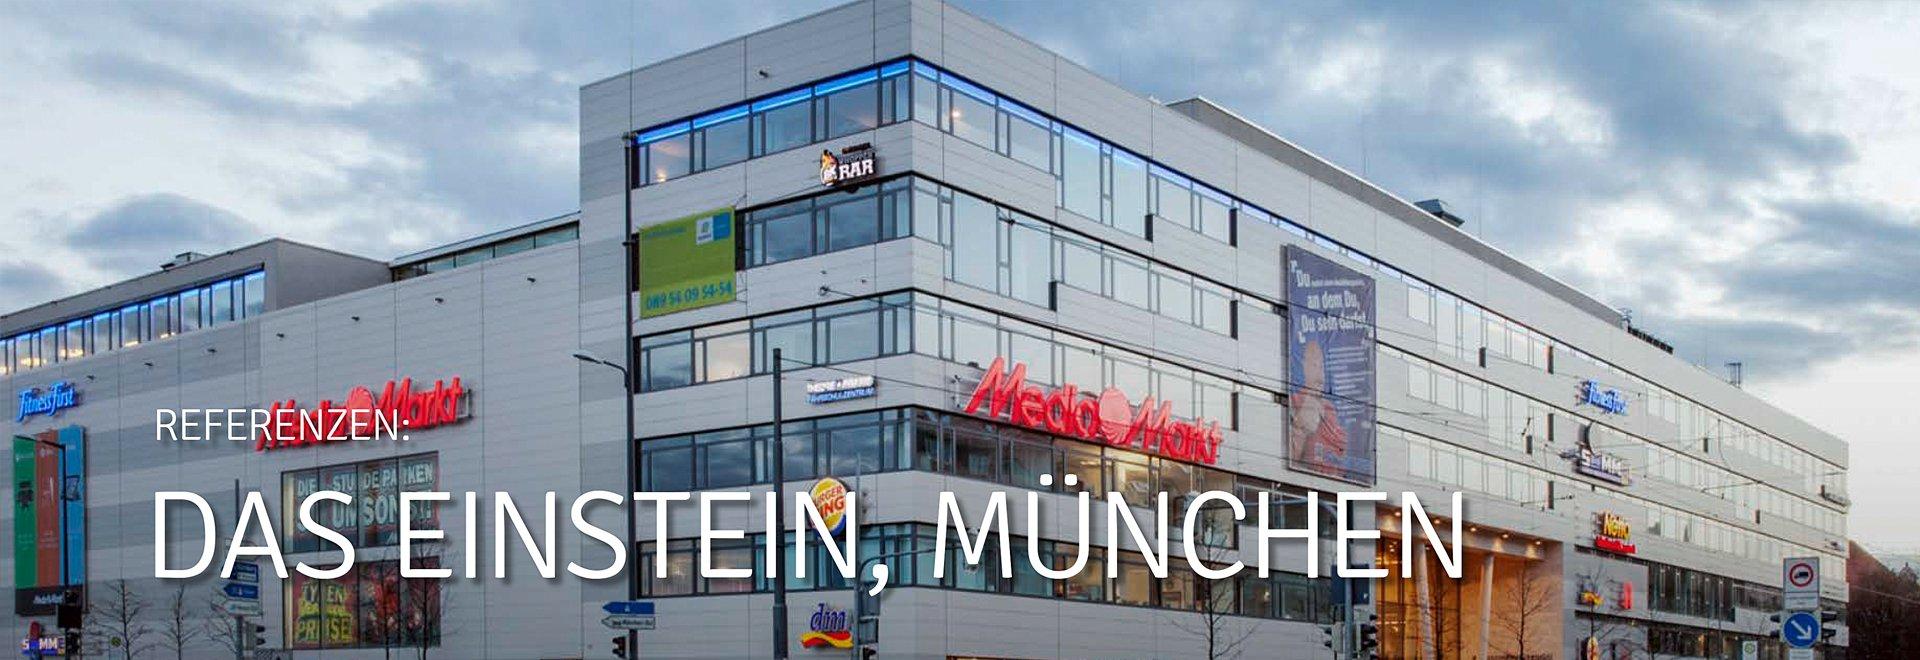 Bodenbeläge München schmid bodenbeläge gmbh das einstein münchen